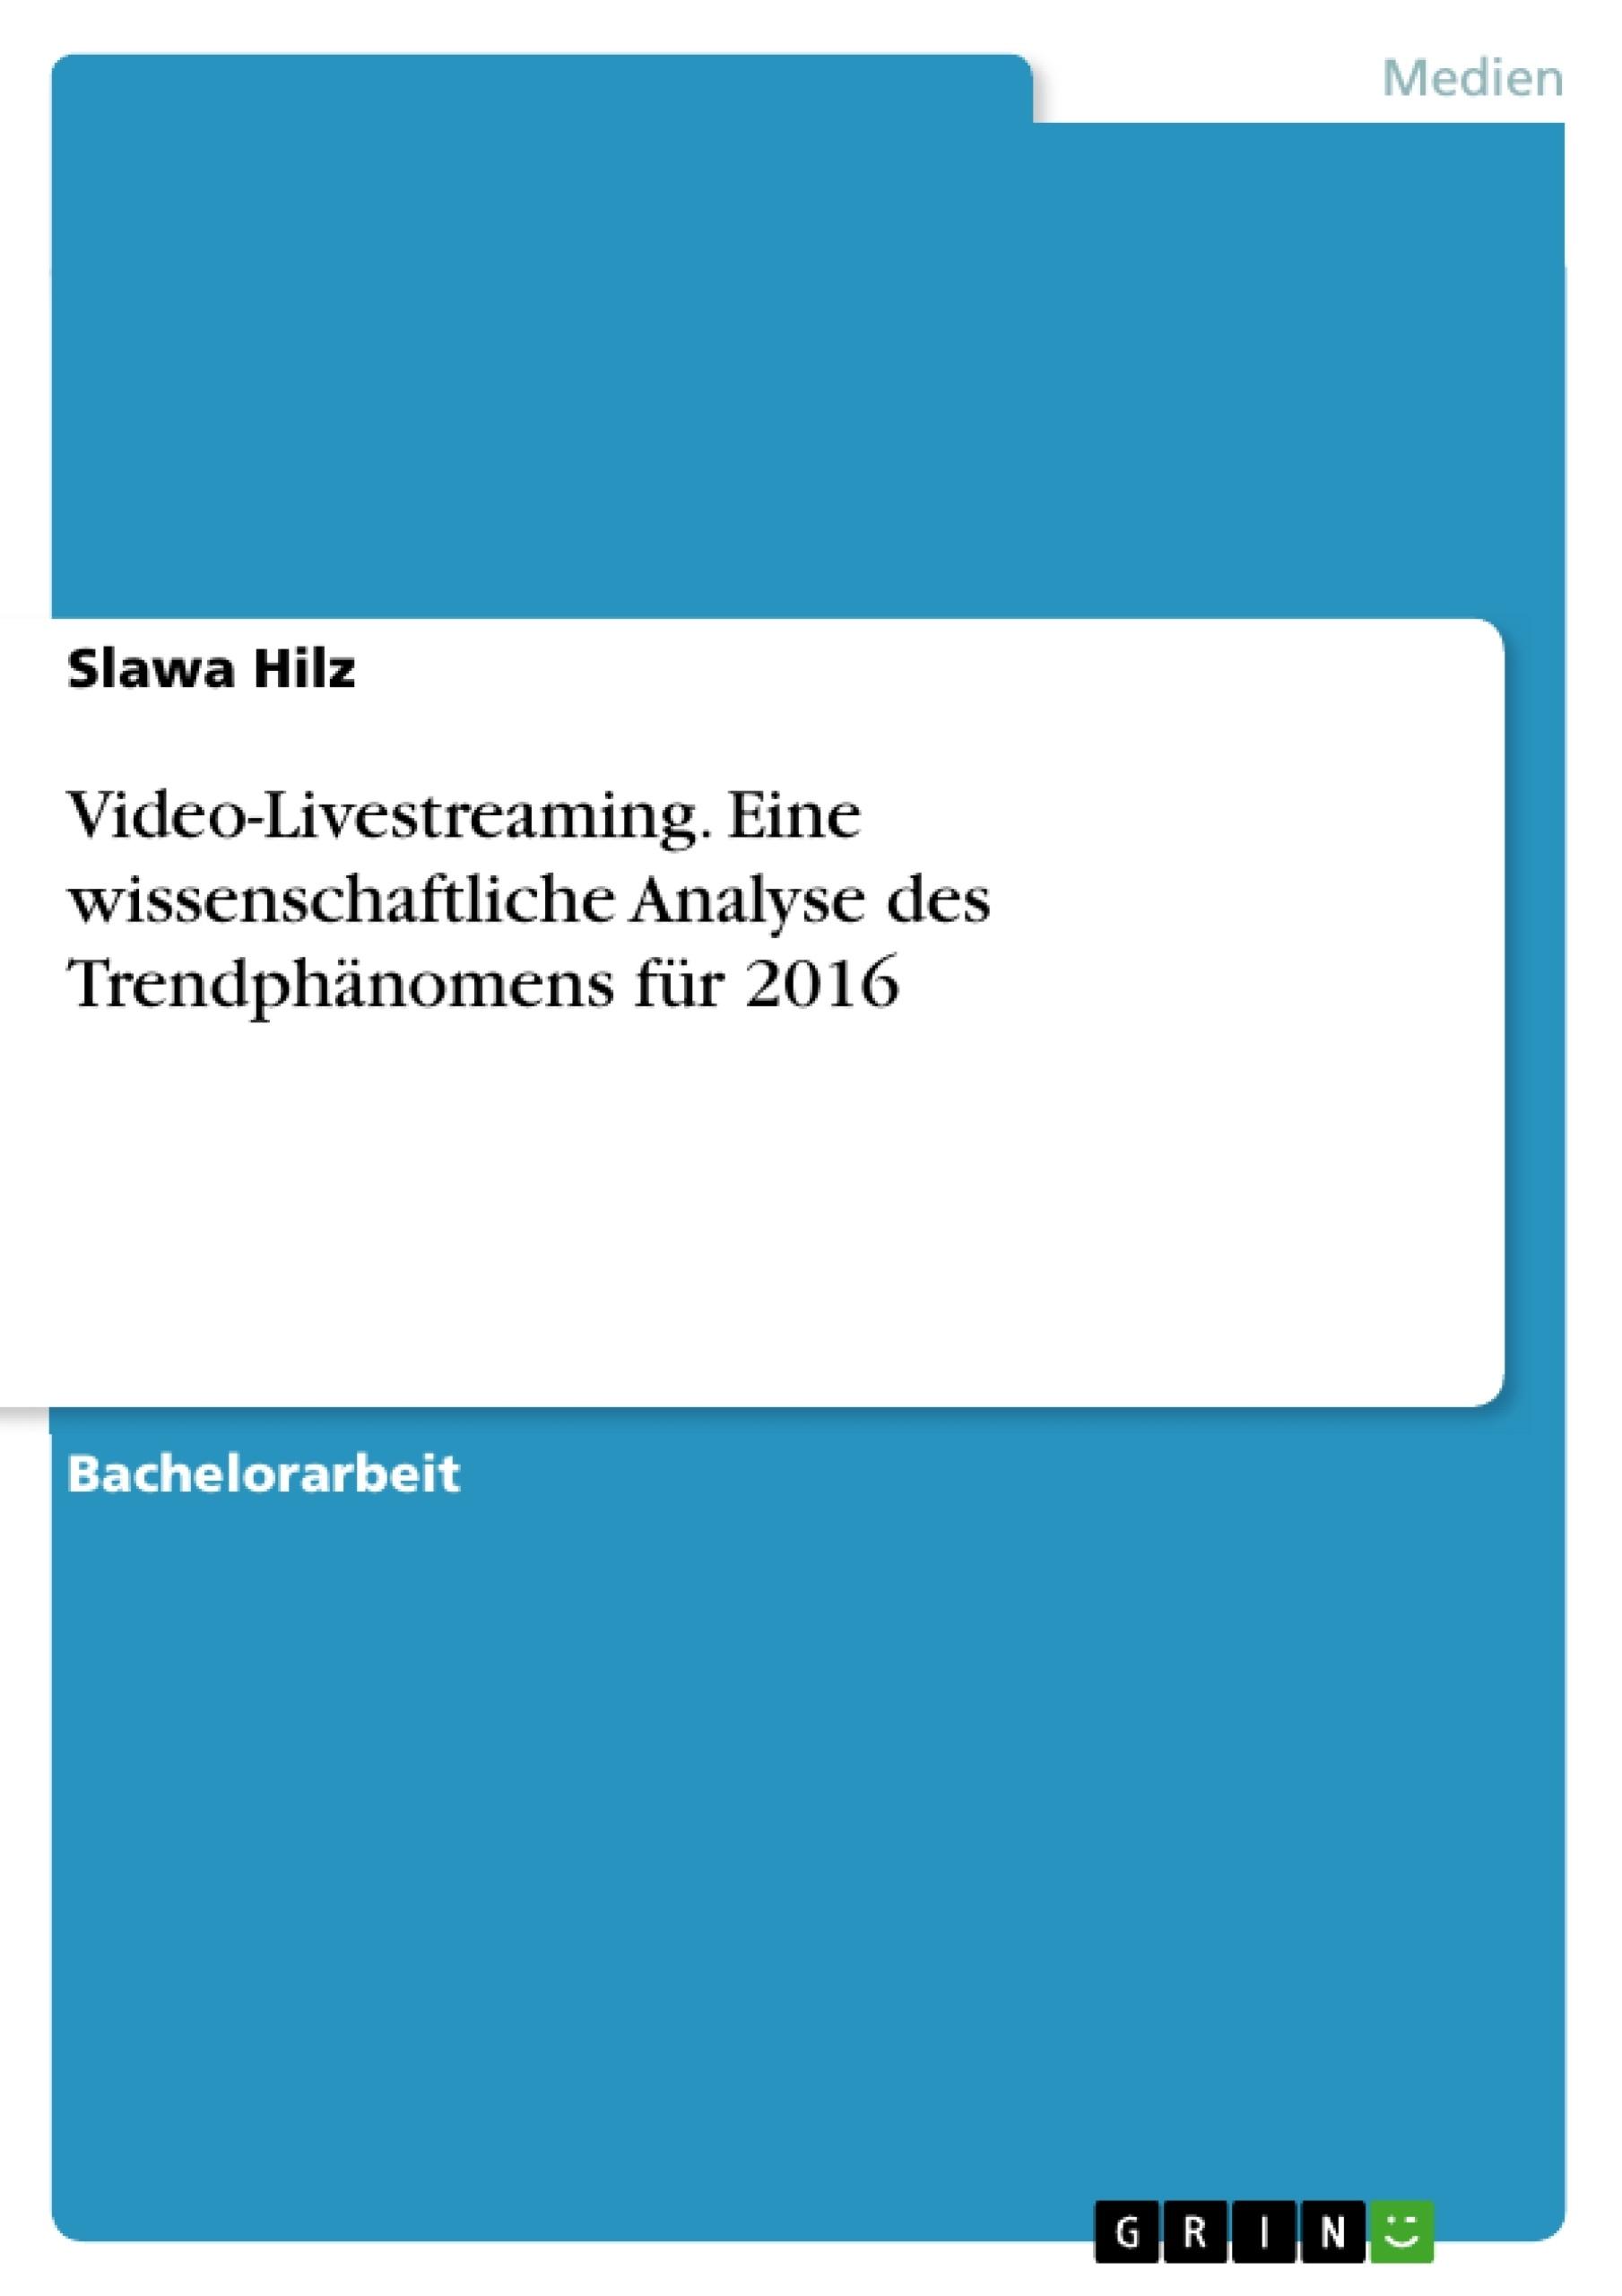 Titel: Video-Livestreaming. Eine wissenschaftliche Analyse des Trendphänomens für 2016